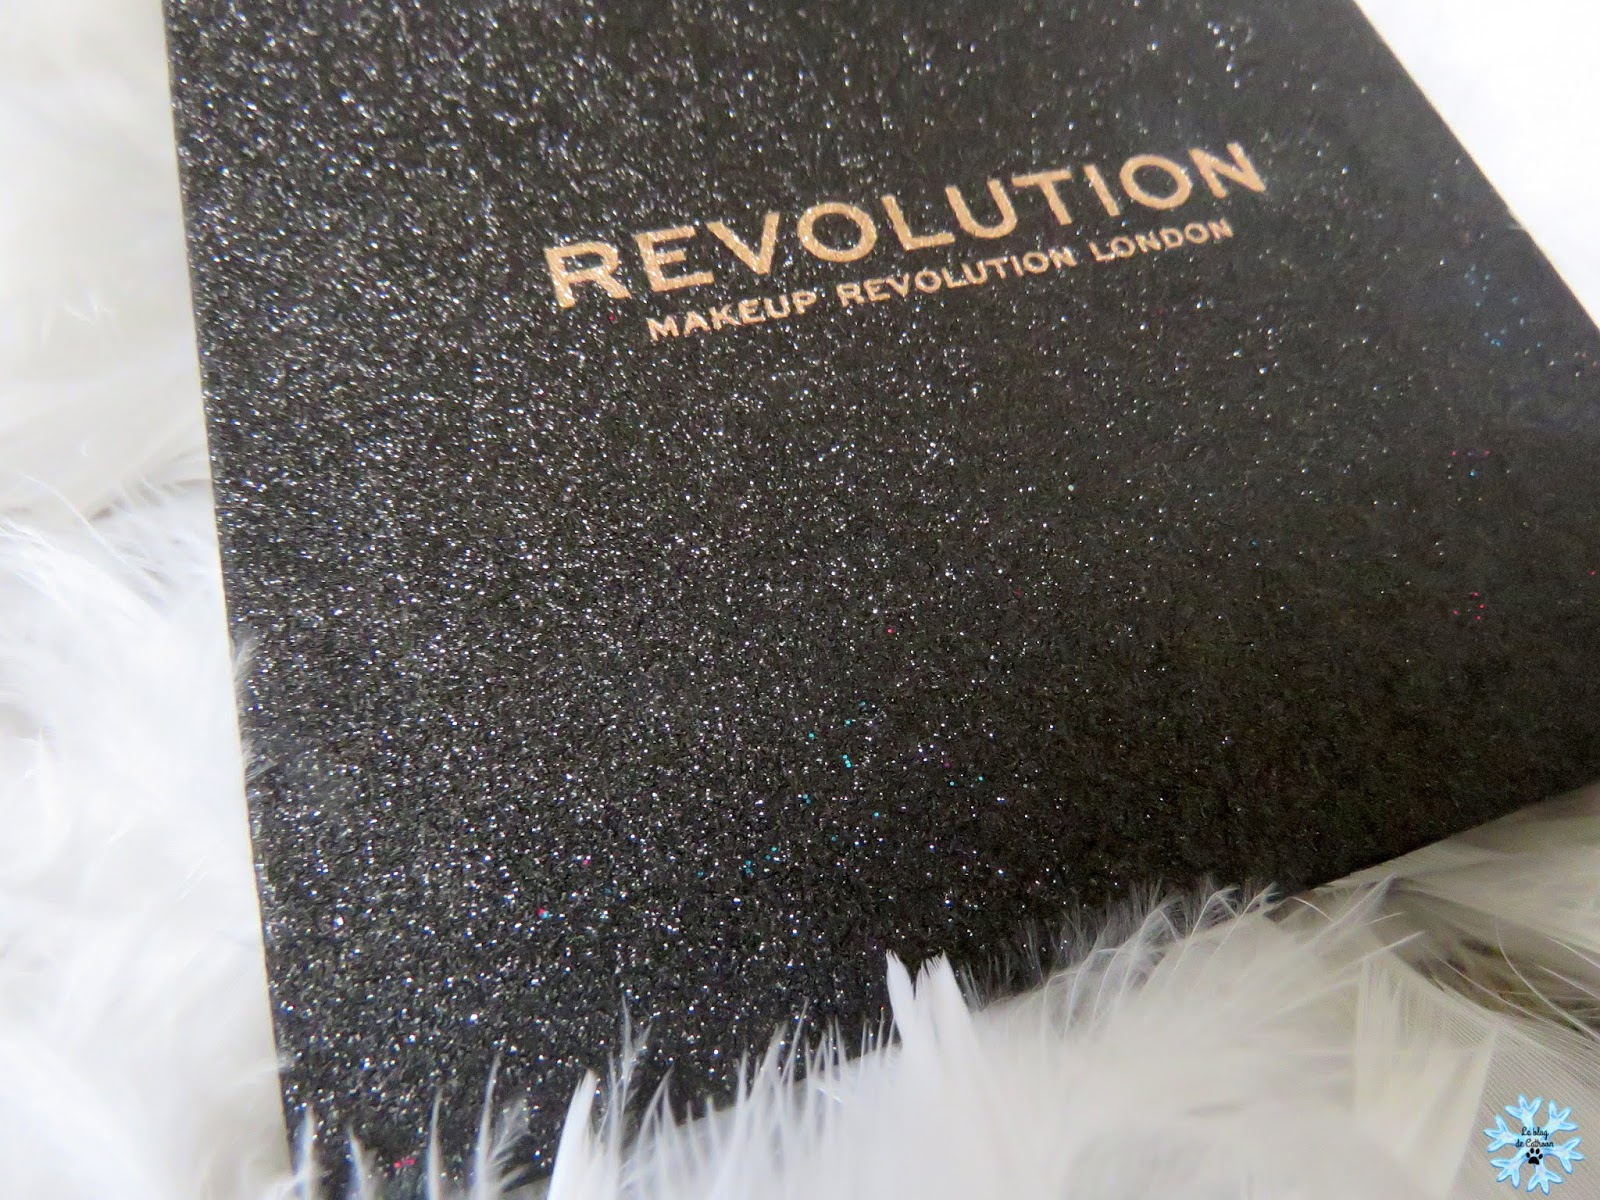 Abracadabra - Pressed Glitter Palette - Makeup Revolution